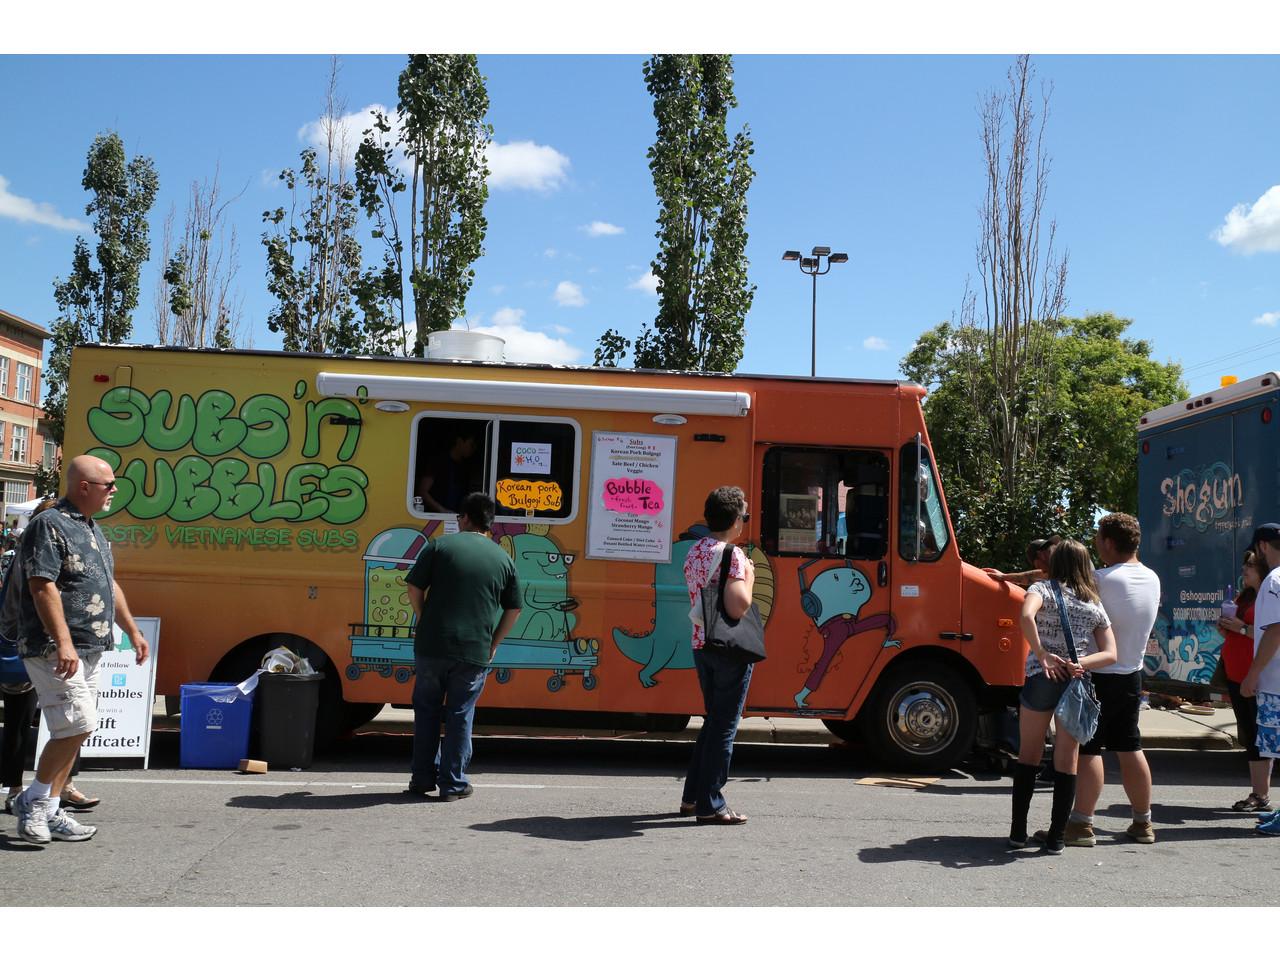 Subs N Bubbles Food Truck Calgary AB Elsie Hui